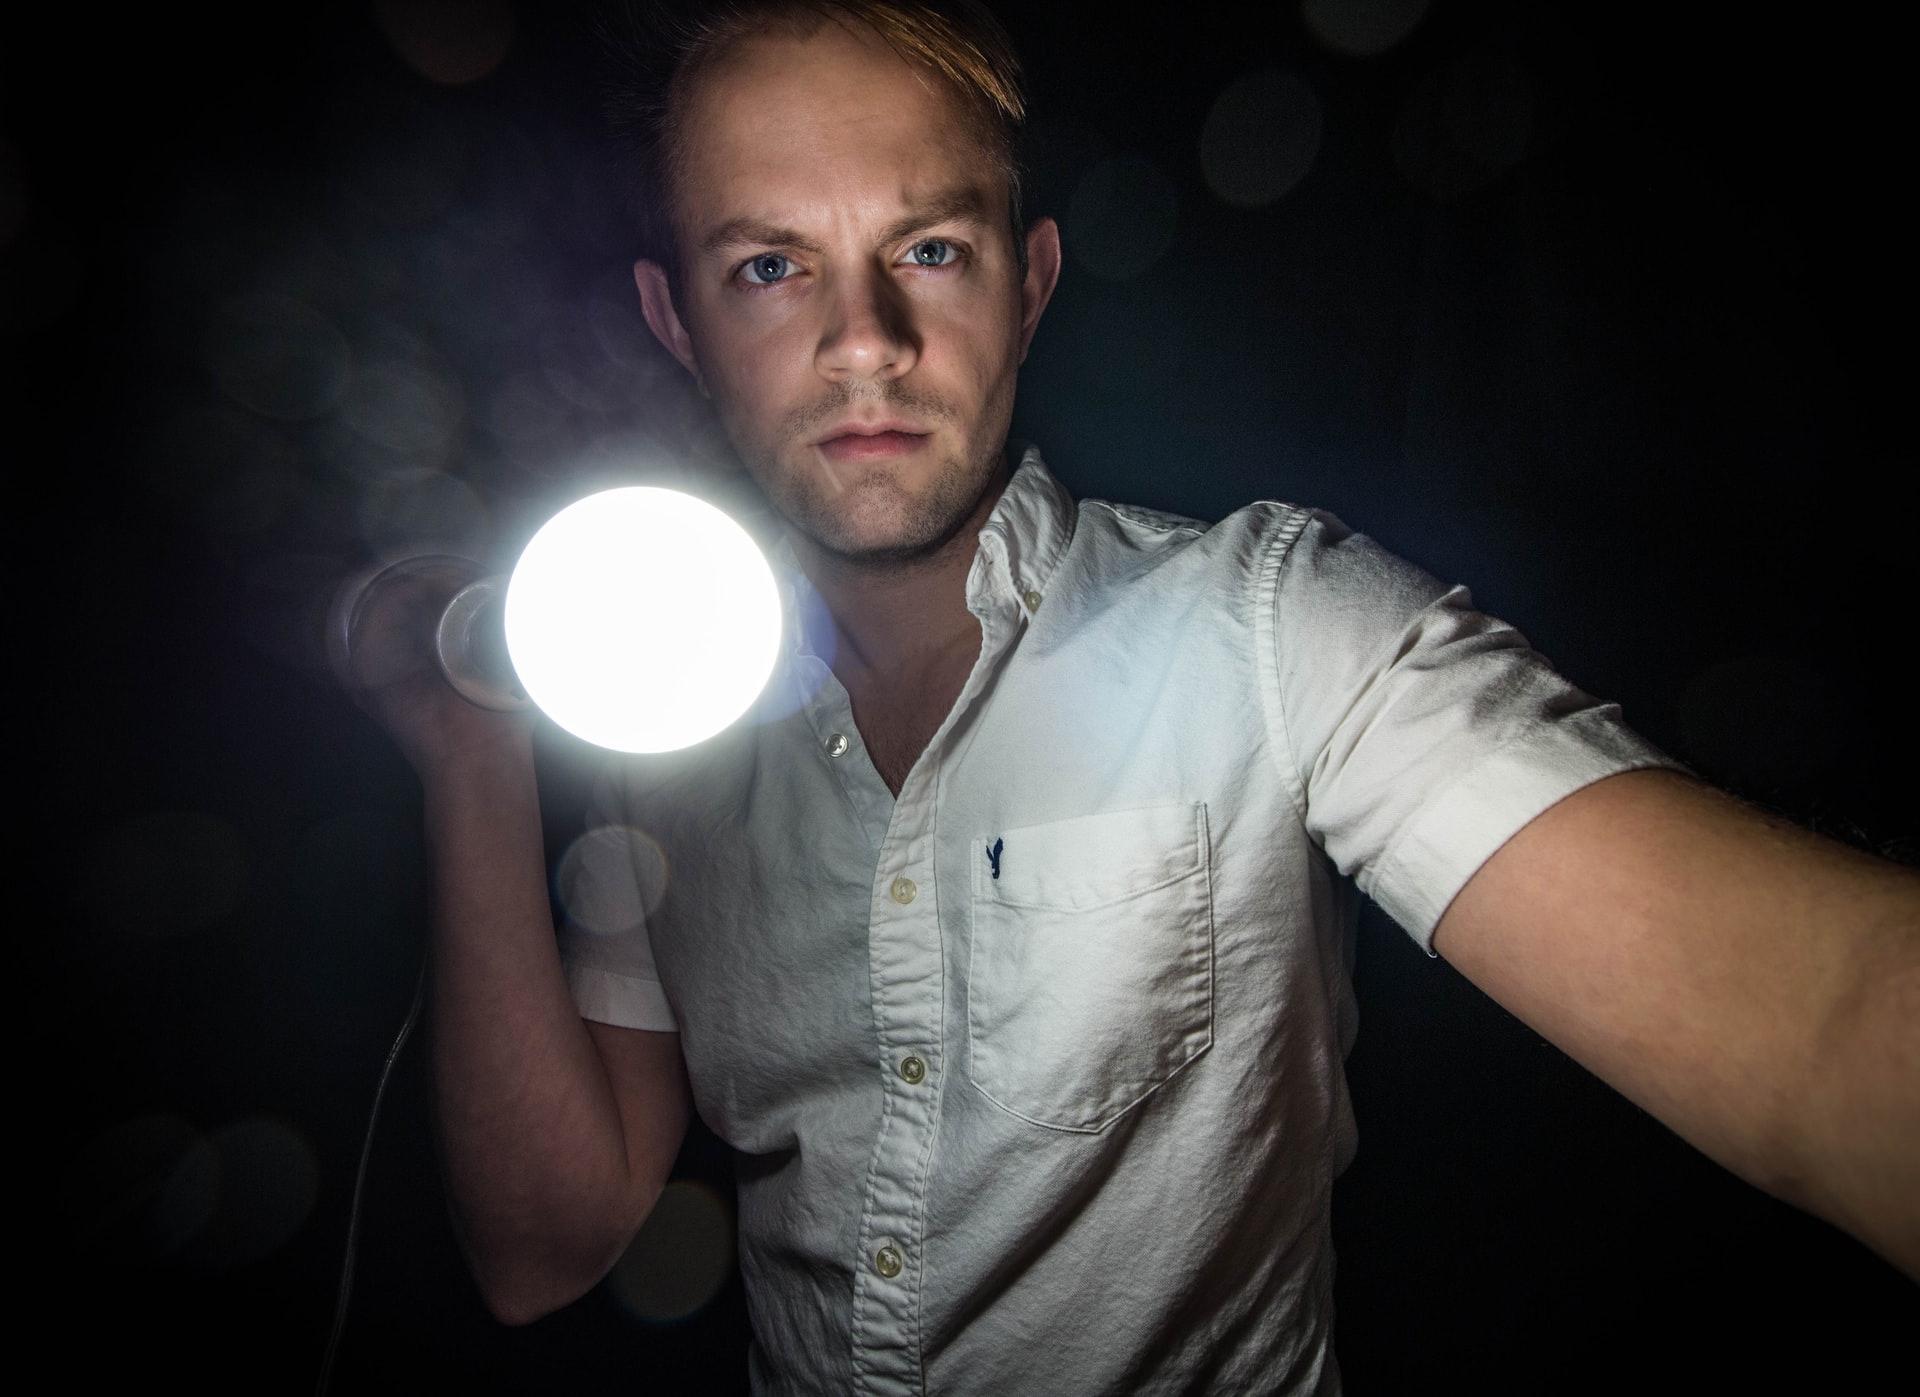 懐中電灯の持ち方を海外ドラマ風にするととても合理的です